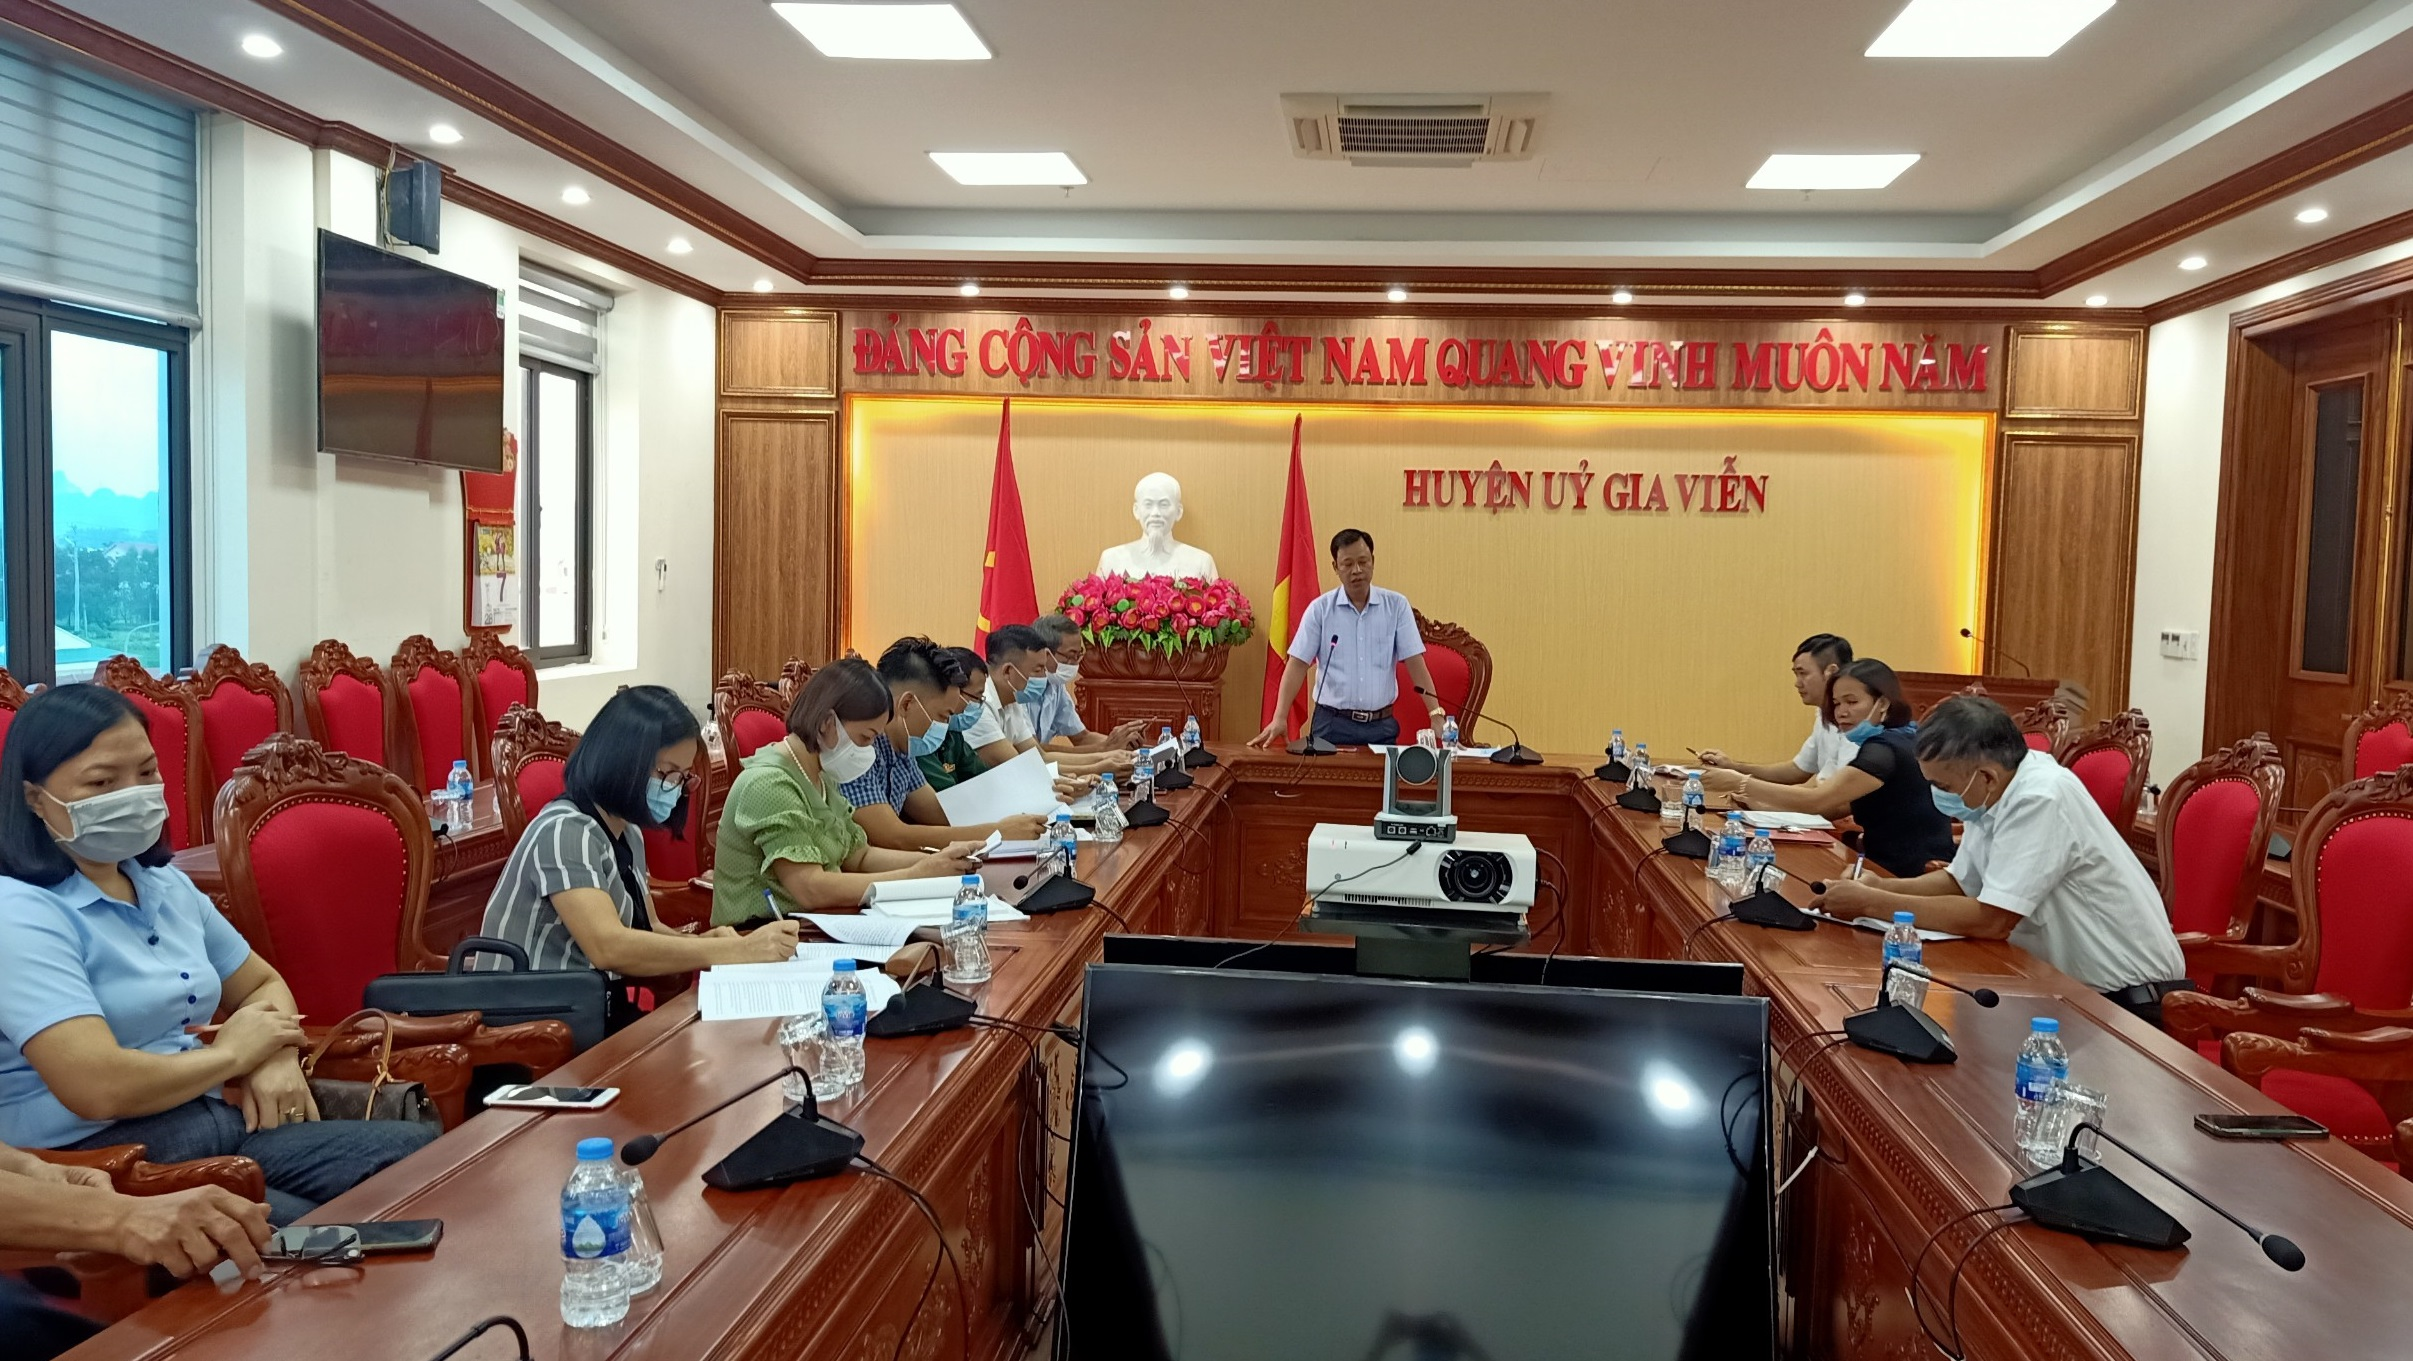 Ban Dân vận Huyện ủy tổ chức sơ kết công tác dân vận và hoạt động của các ban chỉ đạo 6 tháng đầu năm và triển khai nhiệm vụ 6 tháng cuối năm 2021